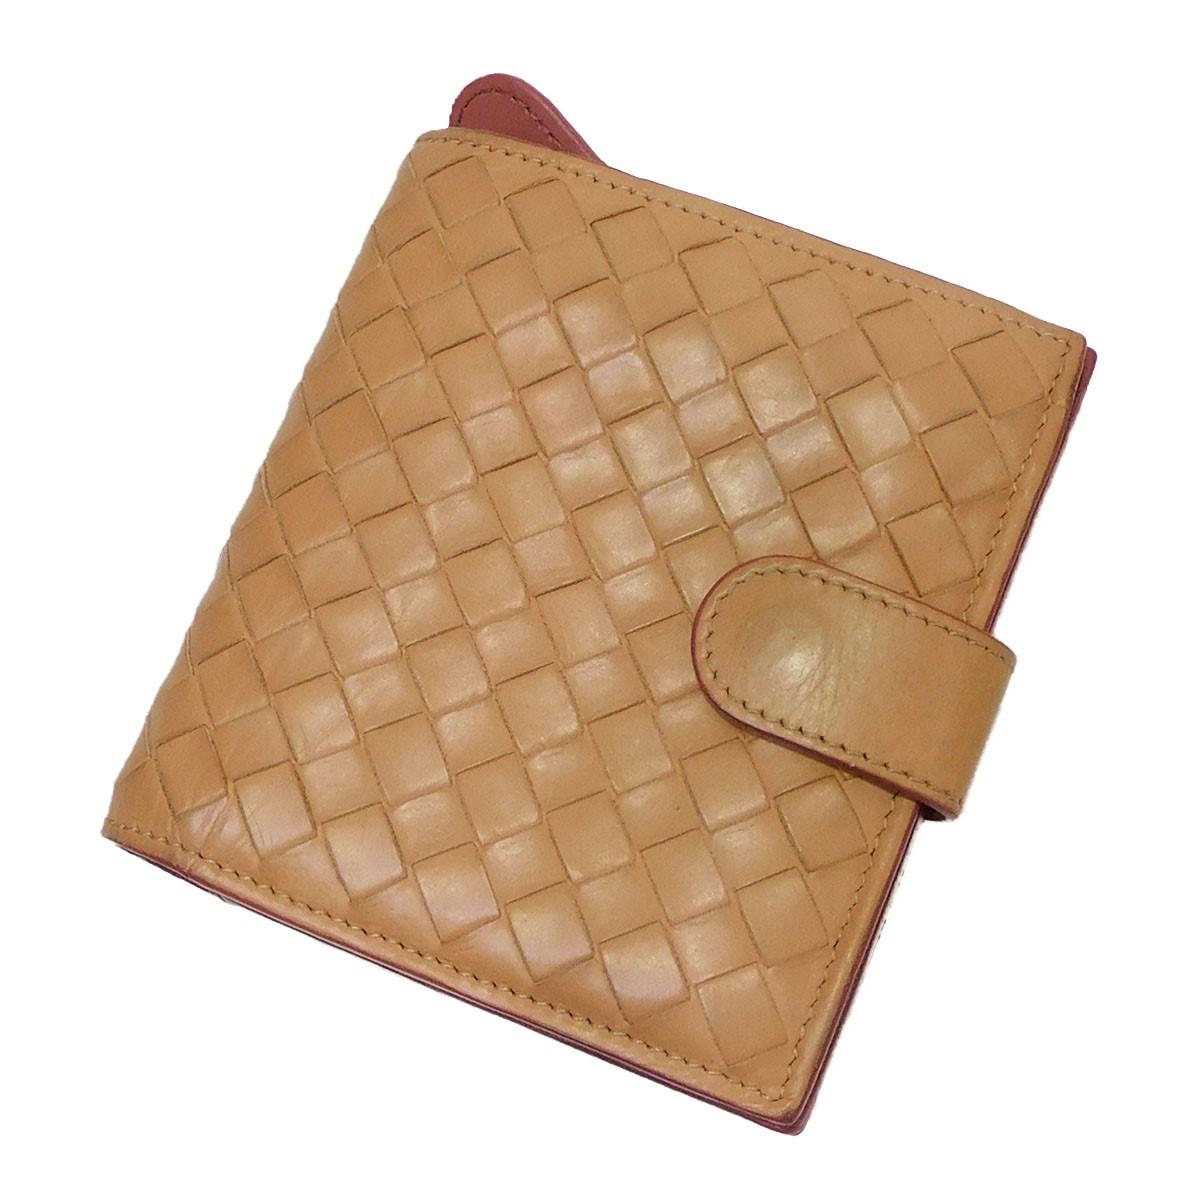 【中古】BOTTEGA VENETA 二つ折り財布 ベージュ×ピンク 【190820】(ボッテガヴェネタ)